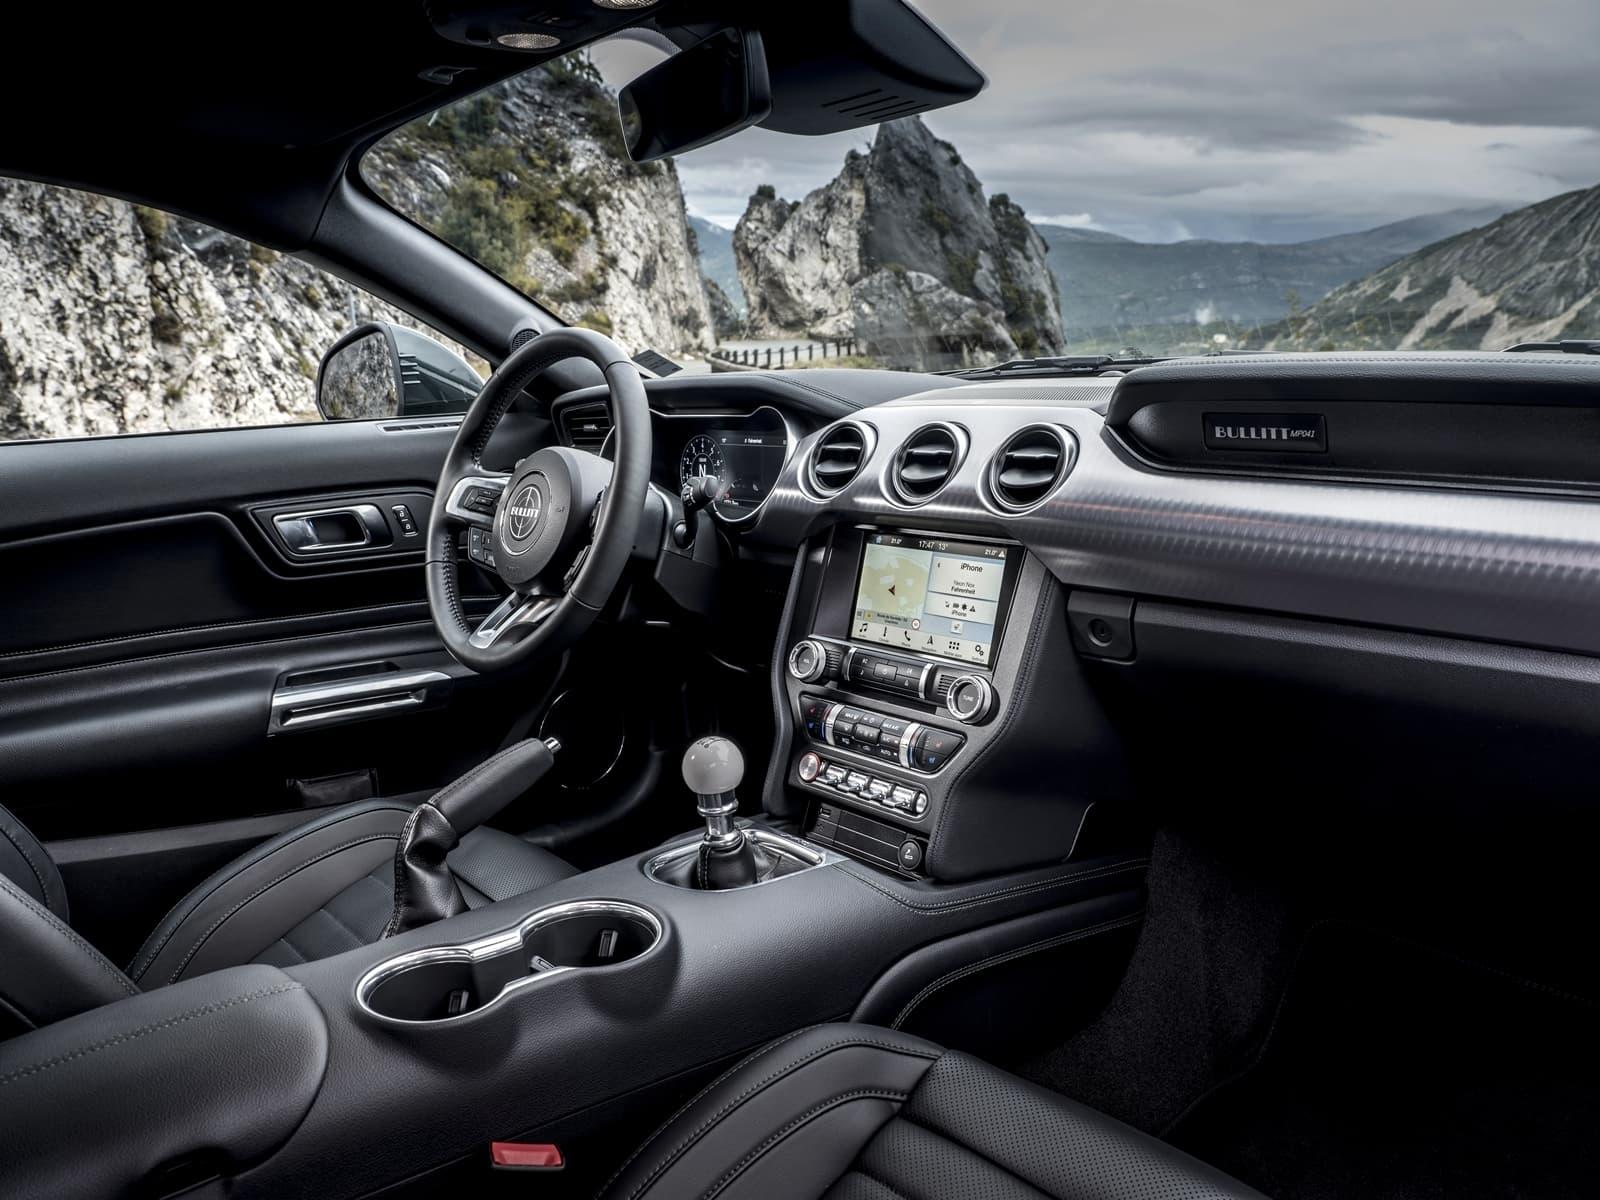 Ford Mustang Bullitt 2018 1018 084